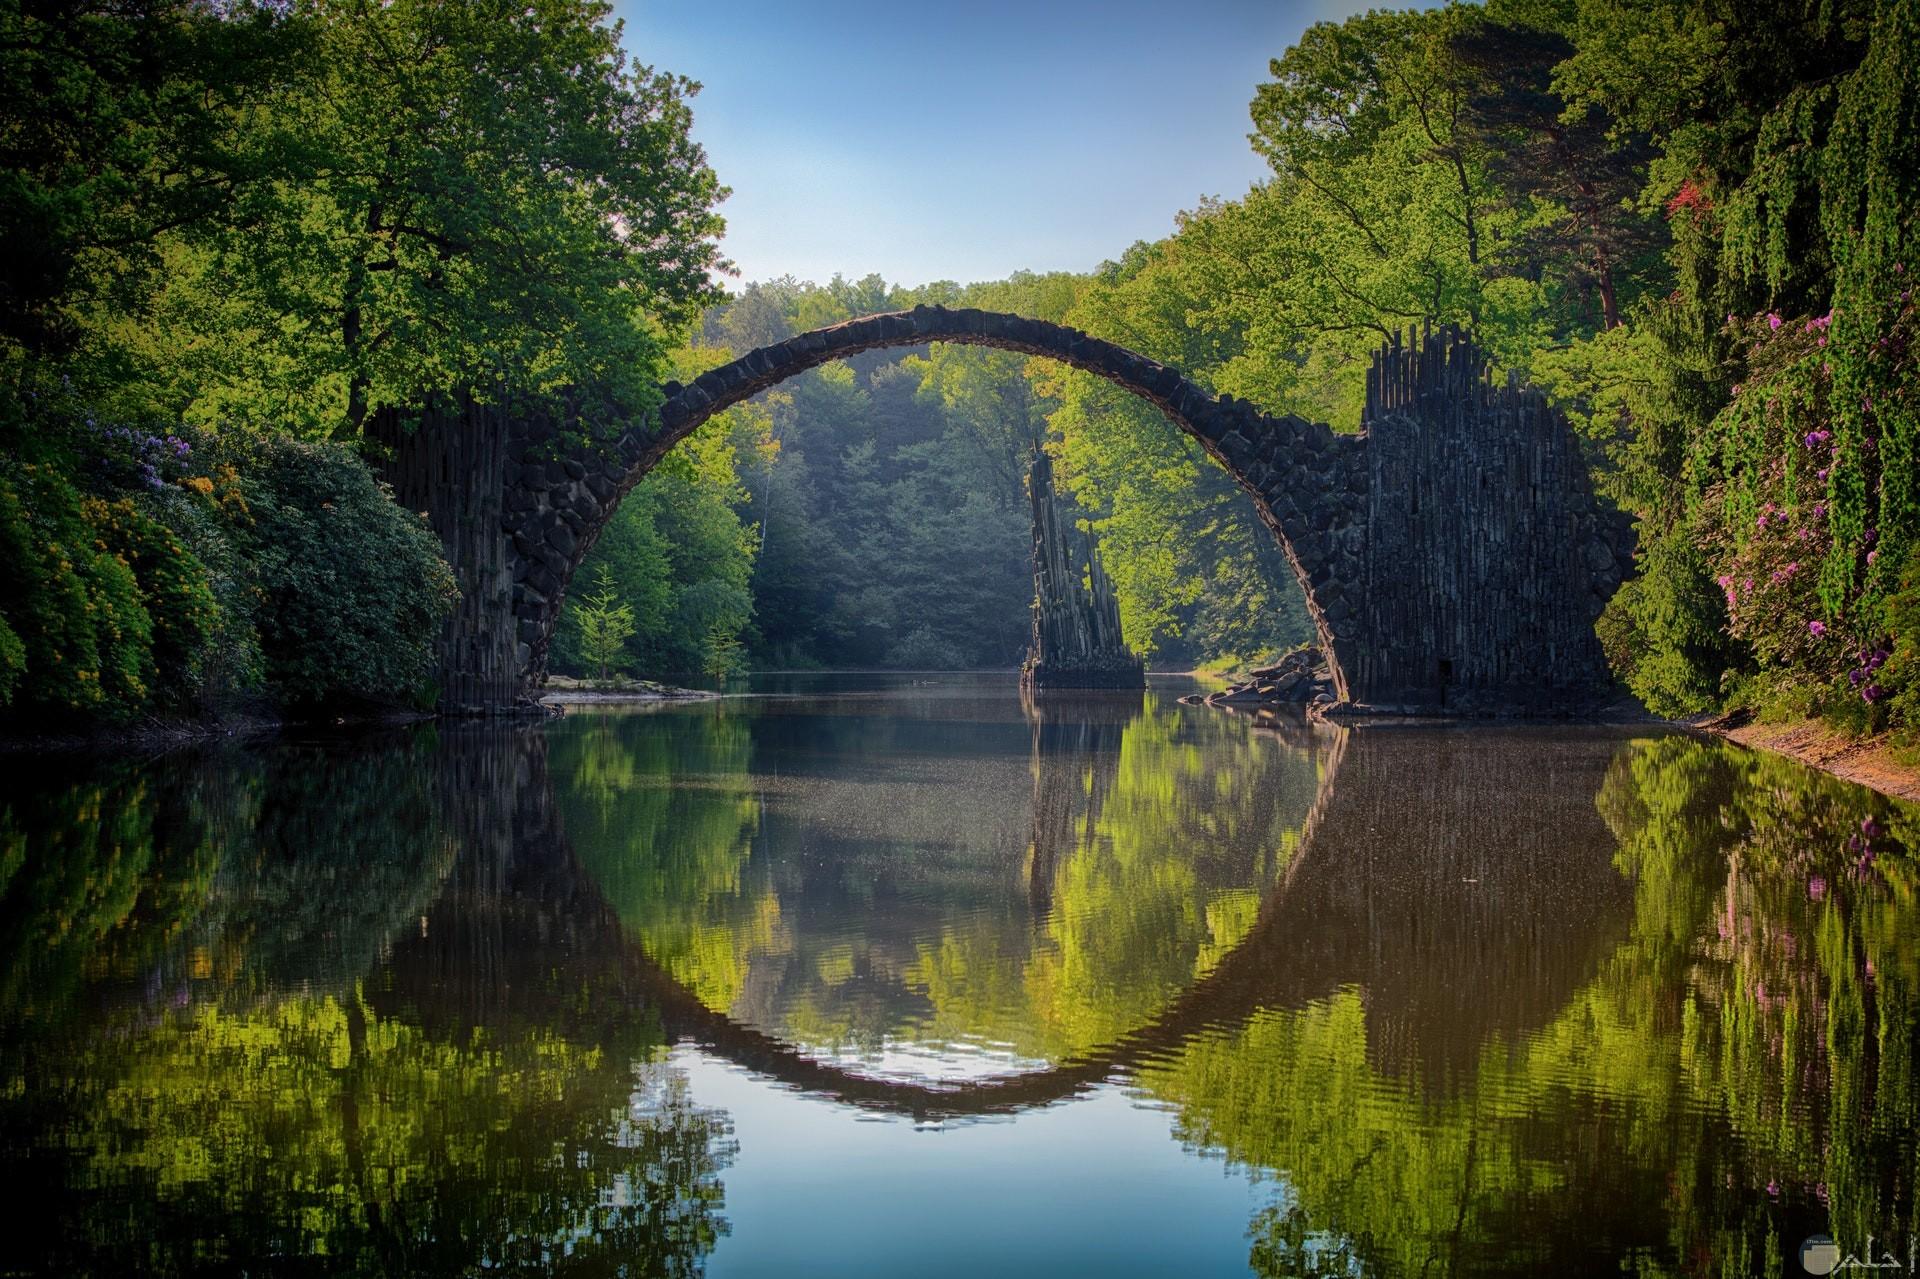 صورة مميزة وجميلة للطبيعة وجسر وإنعكاسه في الماء